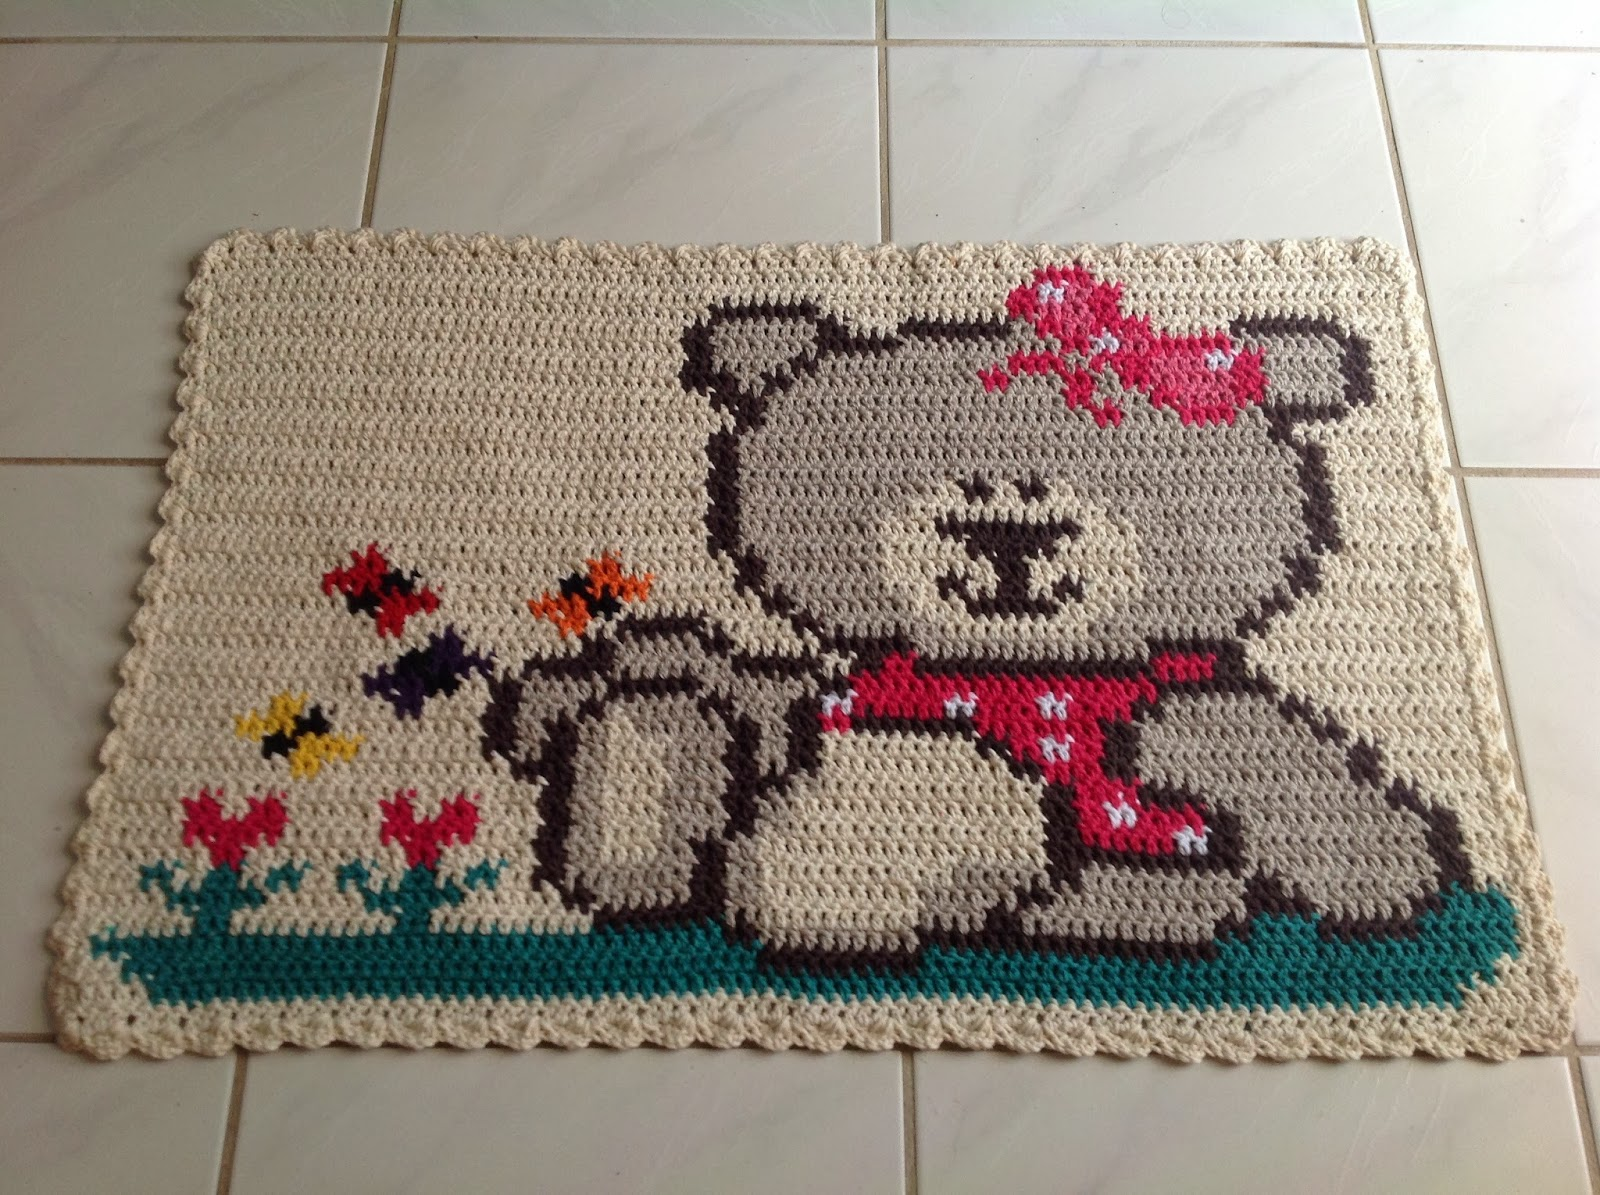 Modelos Tapetes Infantis Crochê Onde Comprar, Melhores  ~ Tapetes Para Quarto Infantil Em Croche